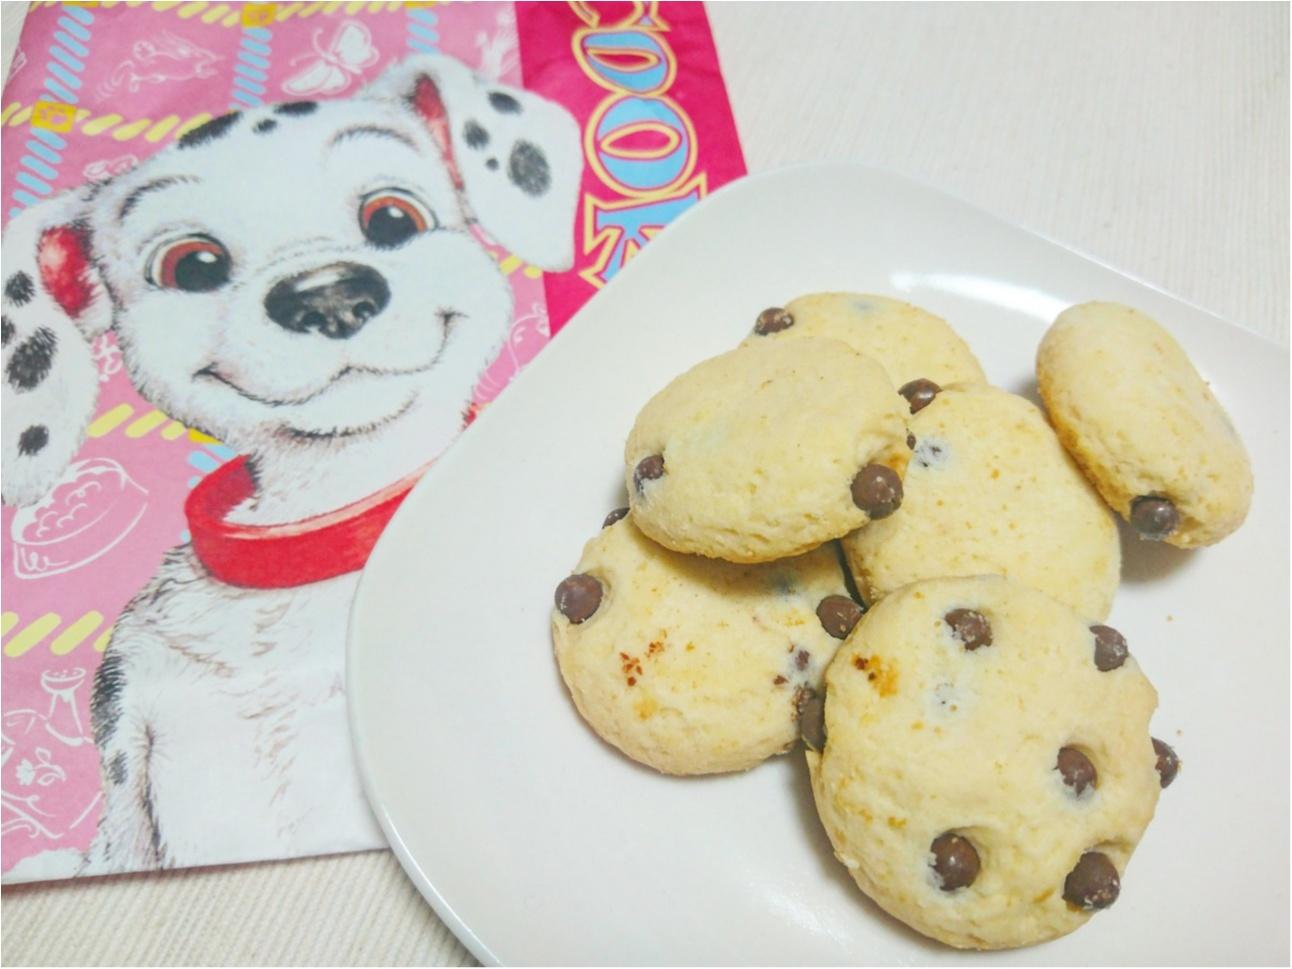 【グルメ】私のおすすめNo.1 ★ 101匹ワンちゃん『チョコチップクッキー』ディズニーリゾートへ行ったら、是非お土産に♪_2